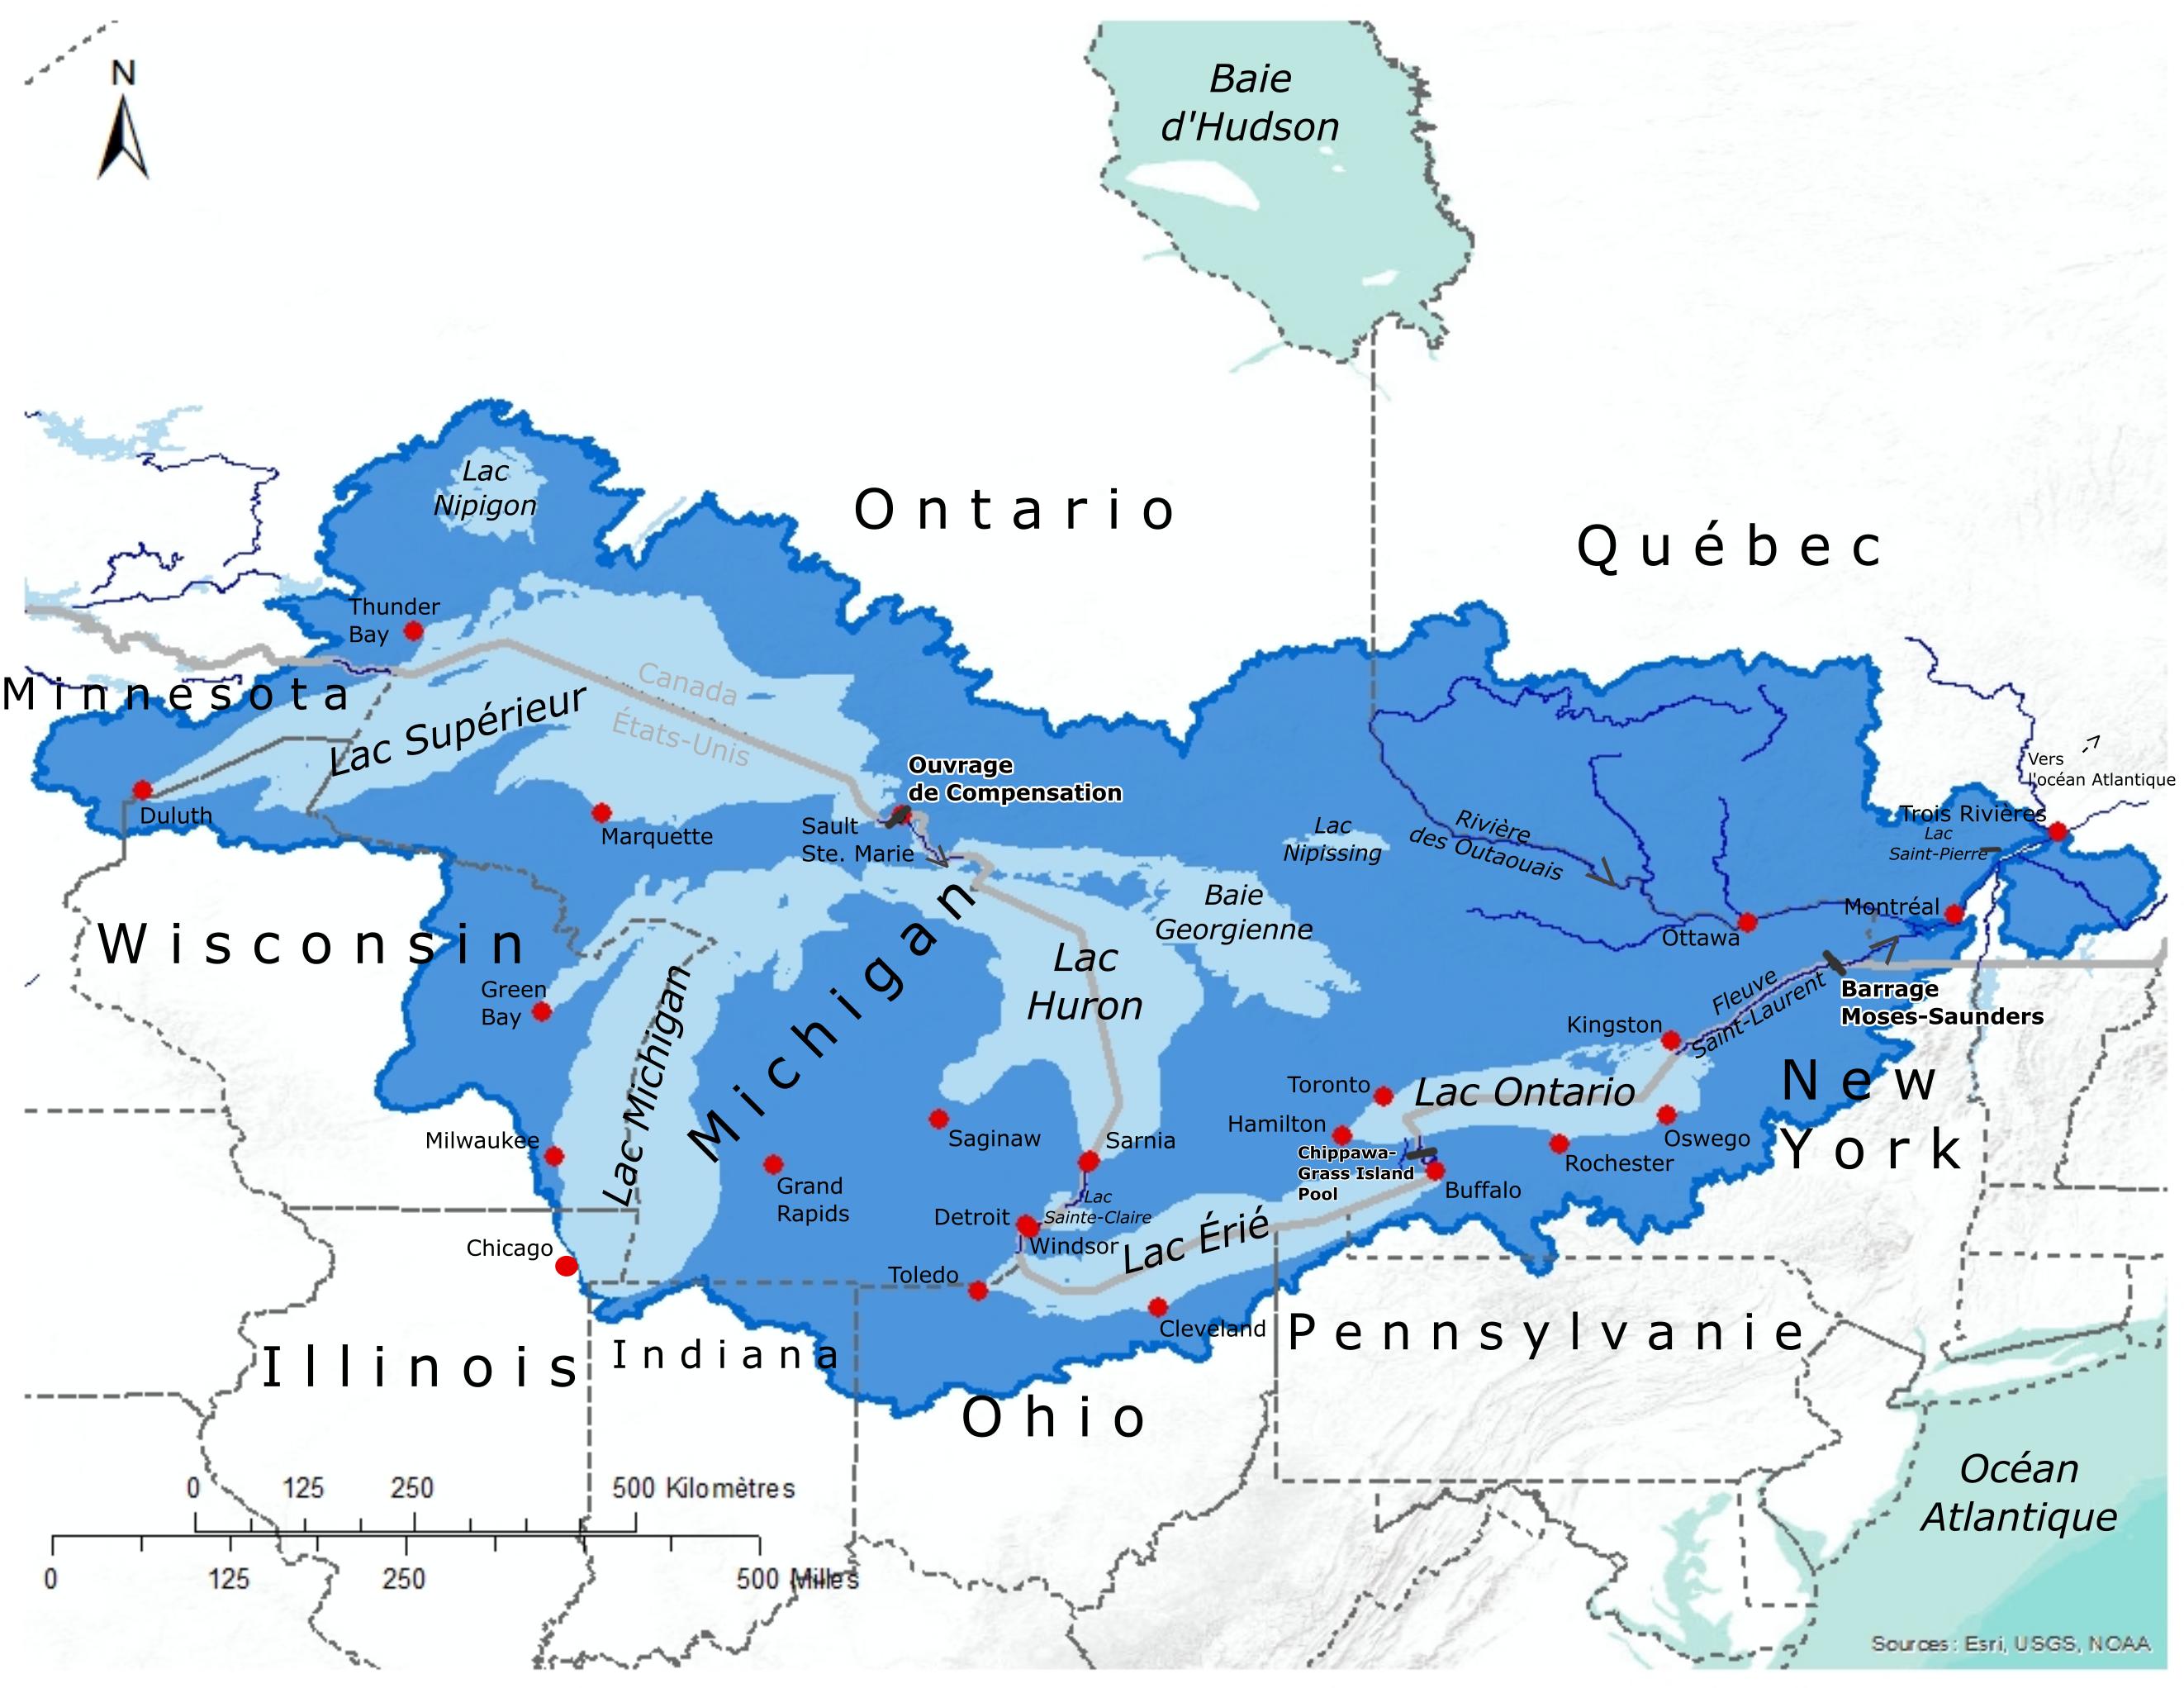 Carte de Bassin des Grands Lacs et fleuve Saint-Laurent